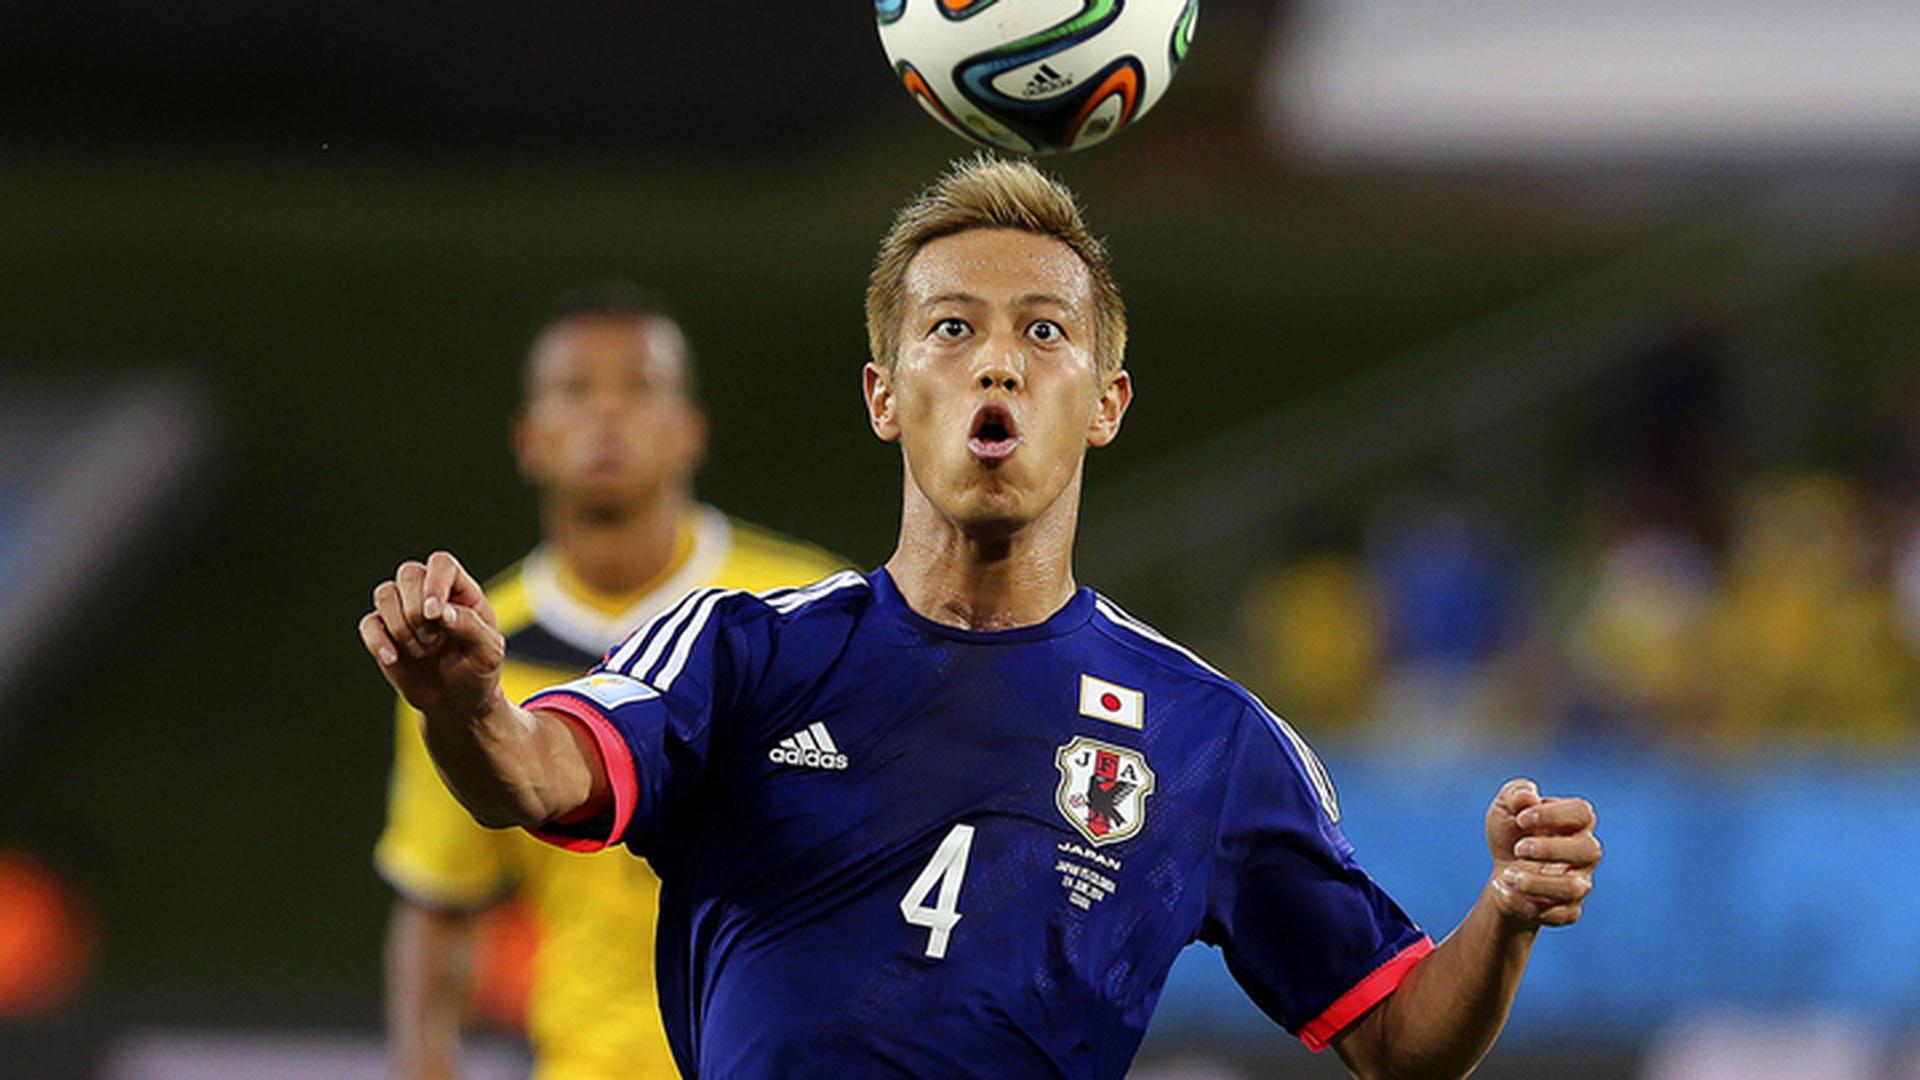 Хонда - Японский игрок, известный по играм за ЦСКА